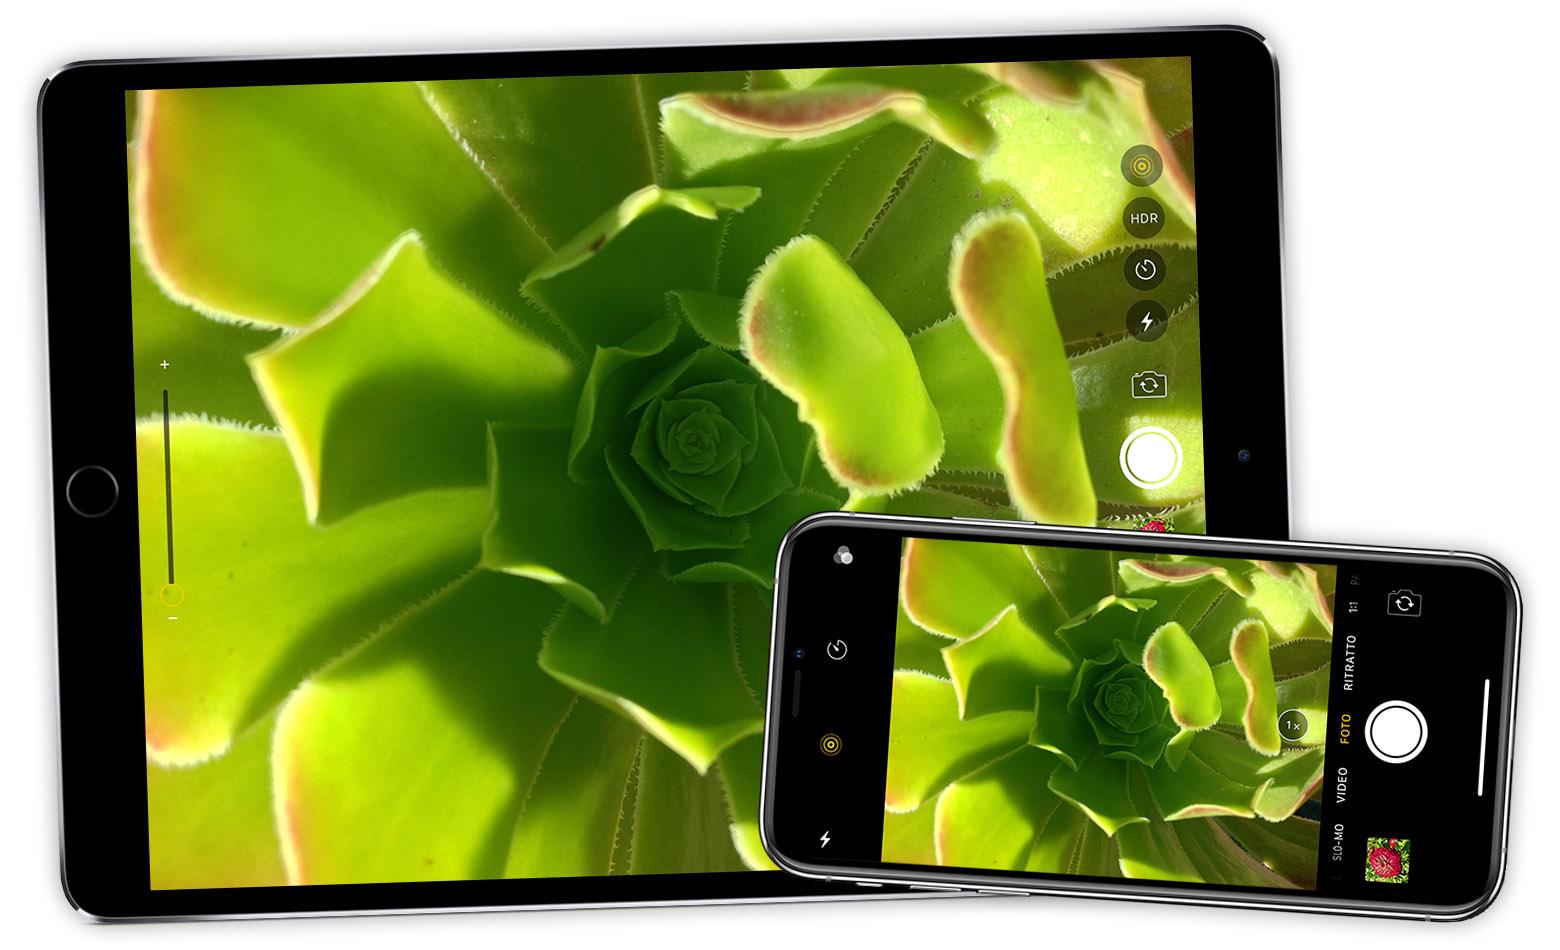 Come Scattare E Modificare Le Foto Con Iphone Ipad E Ipod Touch